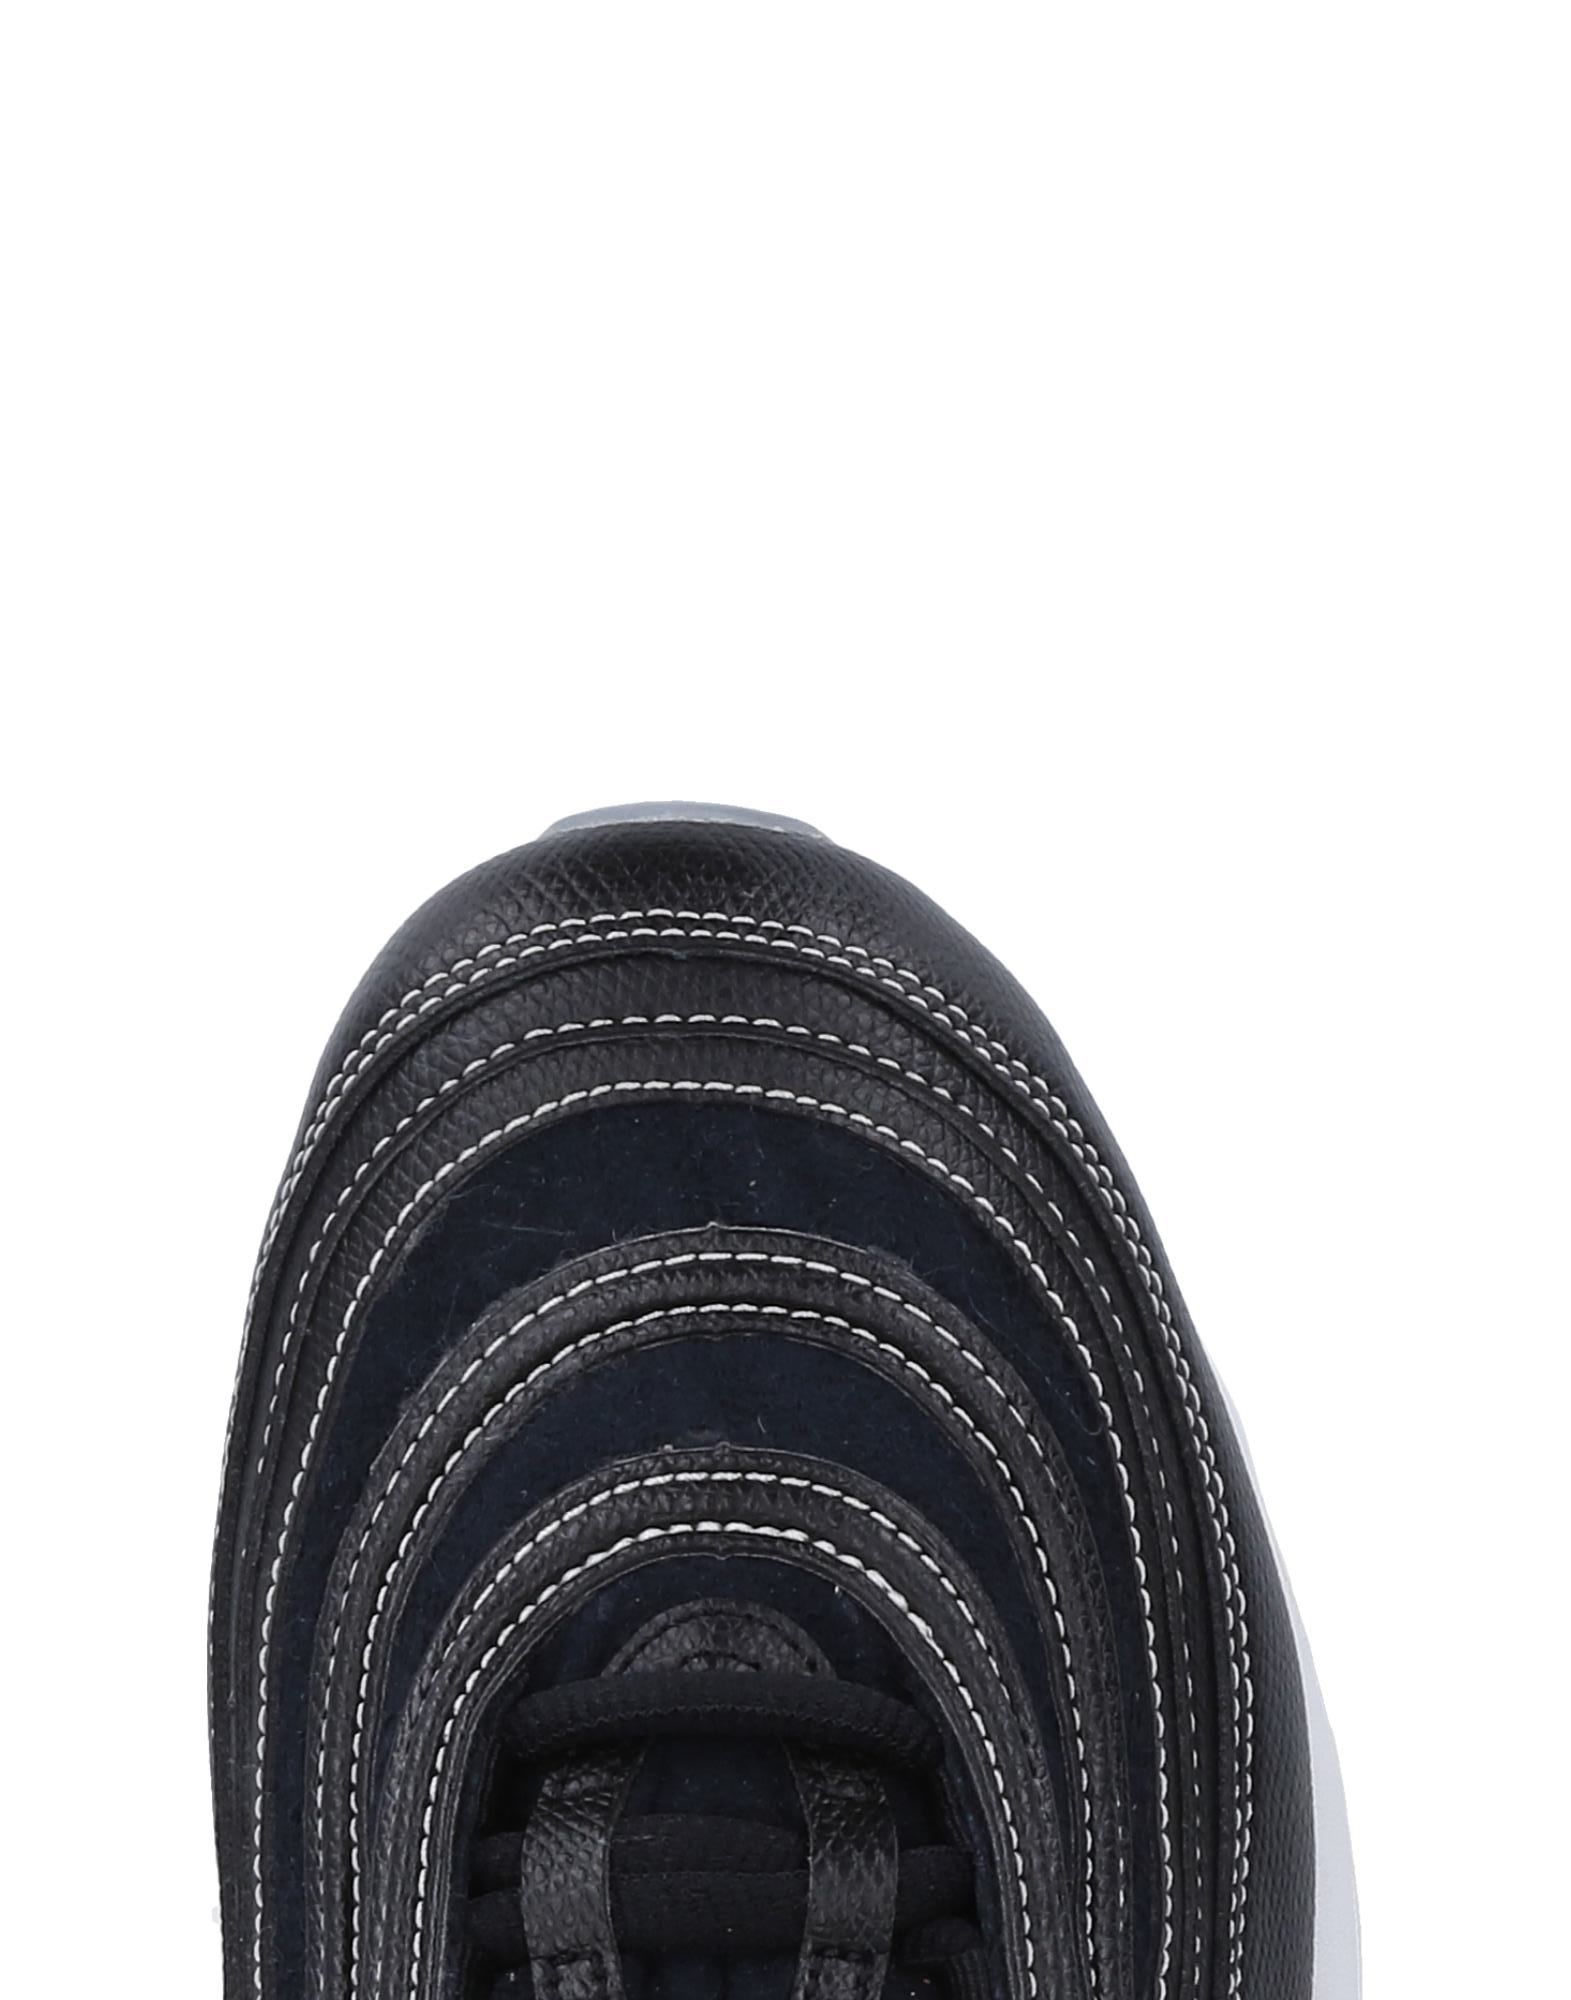 Nike Sneakers Herren   Herren 11521003IK Gute Qualität beliebte Schuhe 0fa238